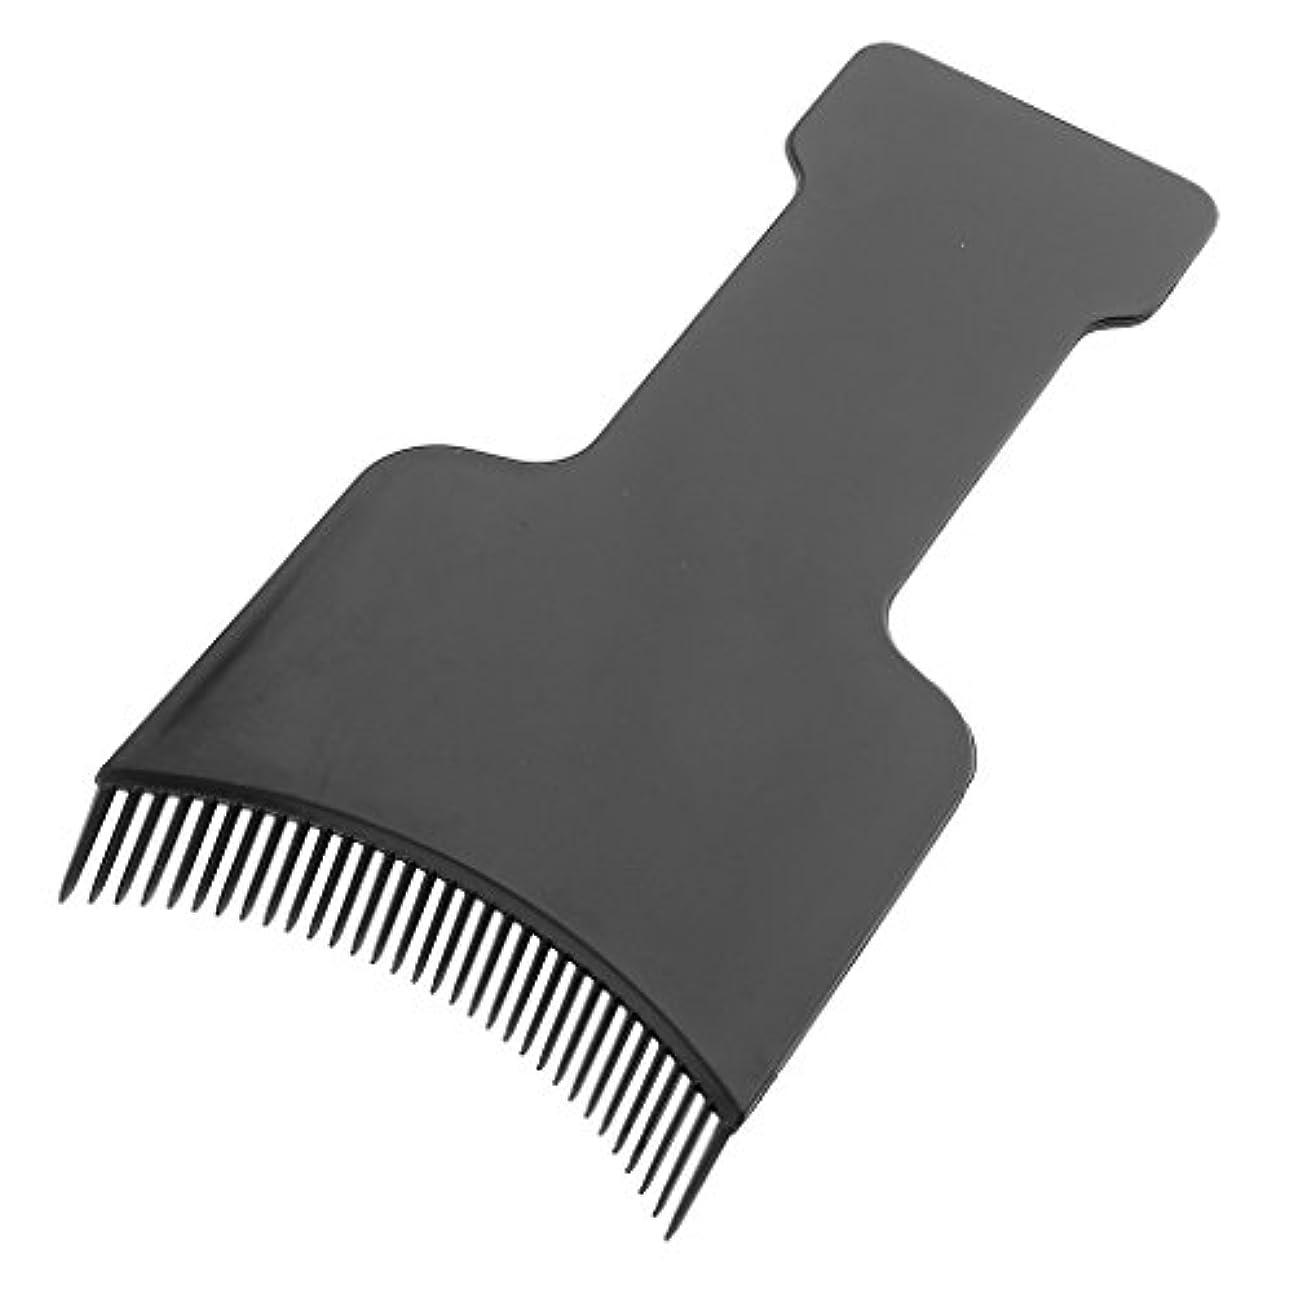 話をする以前は差別的ヘアカラーボード サロン ヘアカラー 美容 ヘア ツール 髪 保護 ブラック 全4サイズ - S